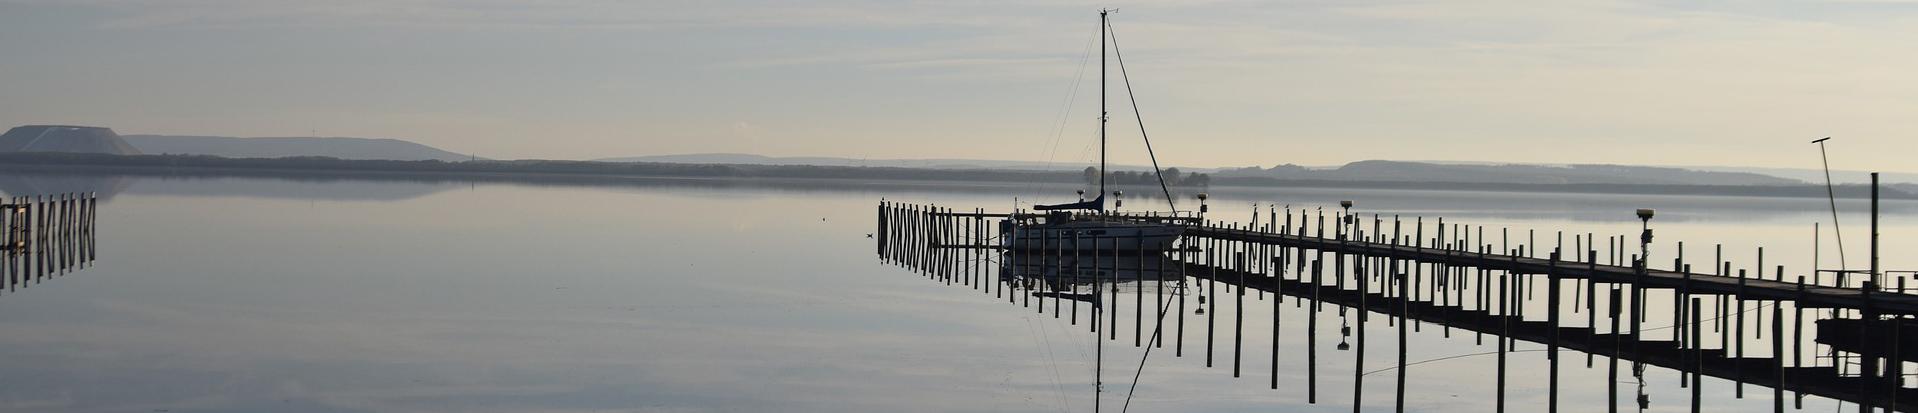 Steinhuder Meer Steg und Boot Folgeseite